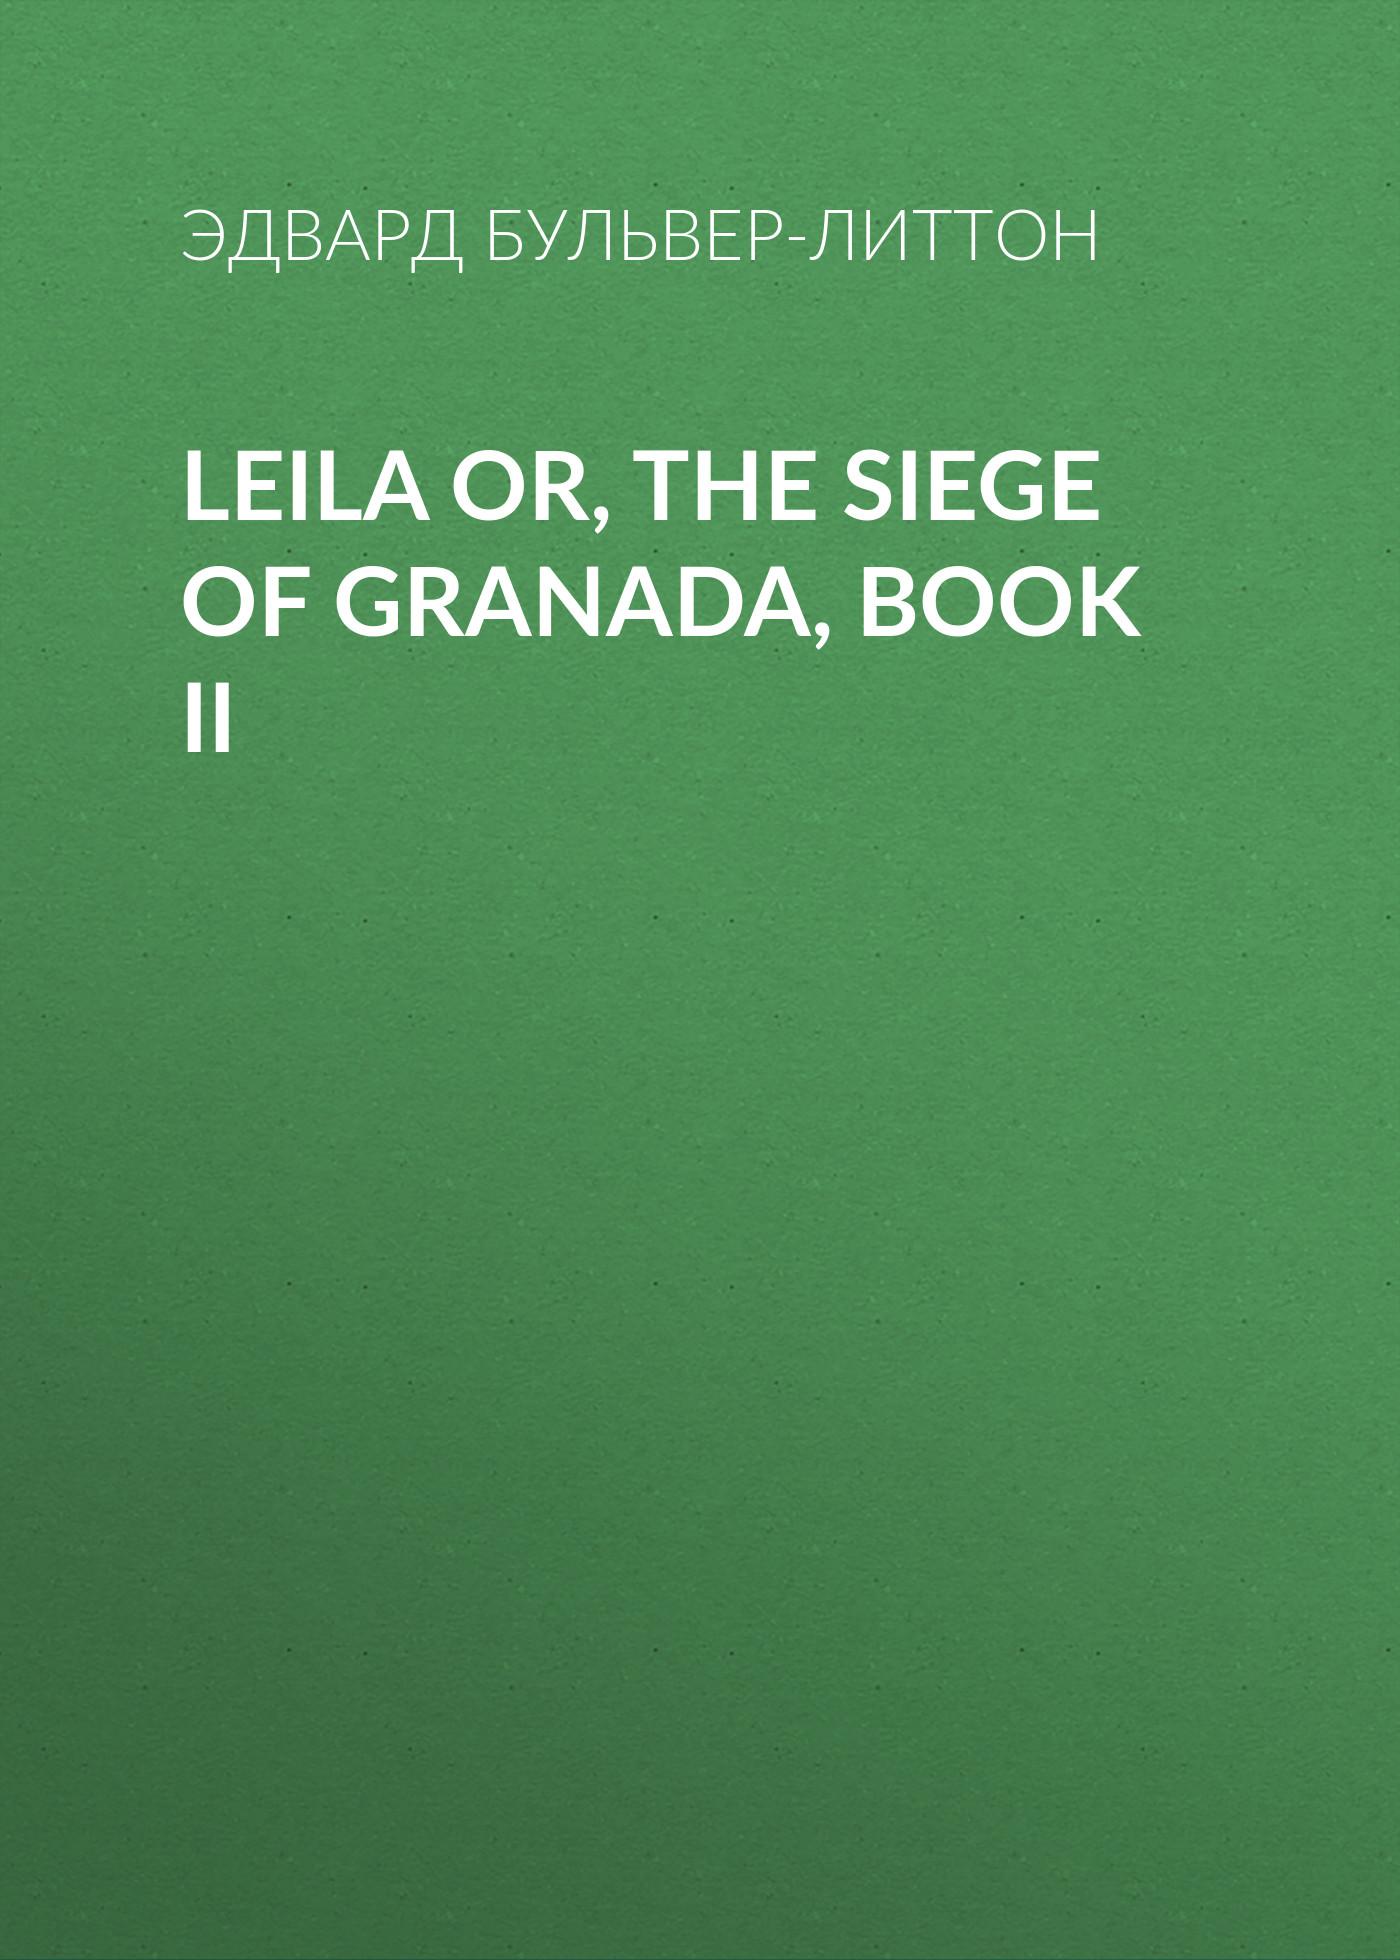 Эдвард Бульвер-Литтон Leila or, the Siege of Granada, Book II эдвард бульвер литтон leila or the siege of granada book iv